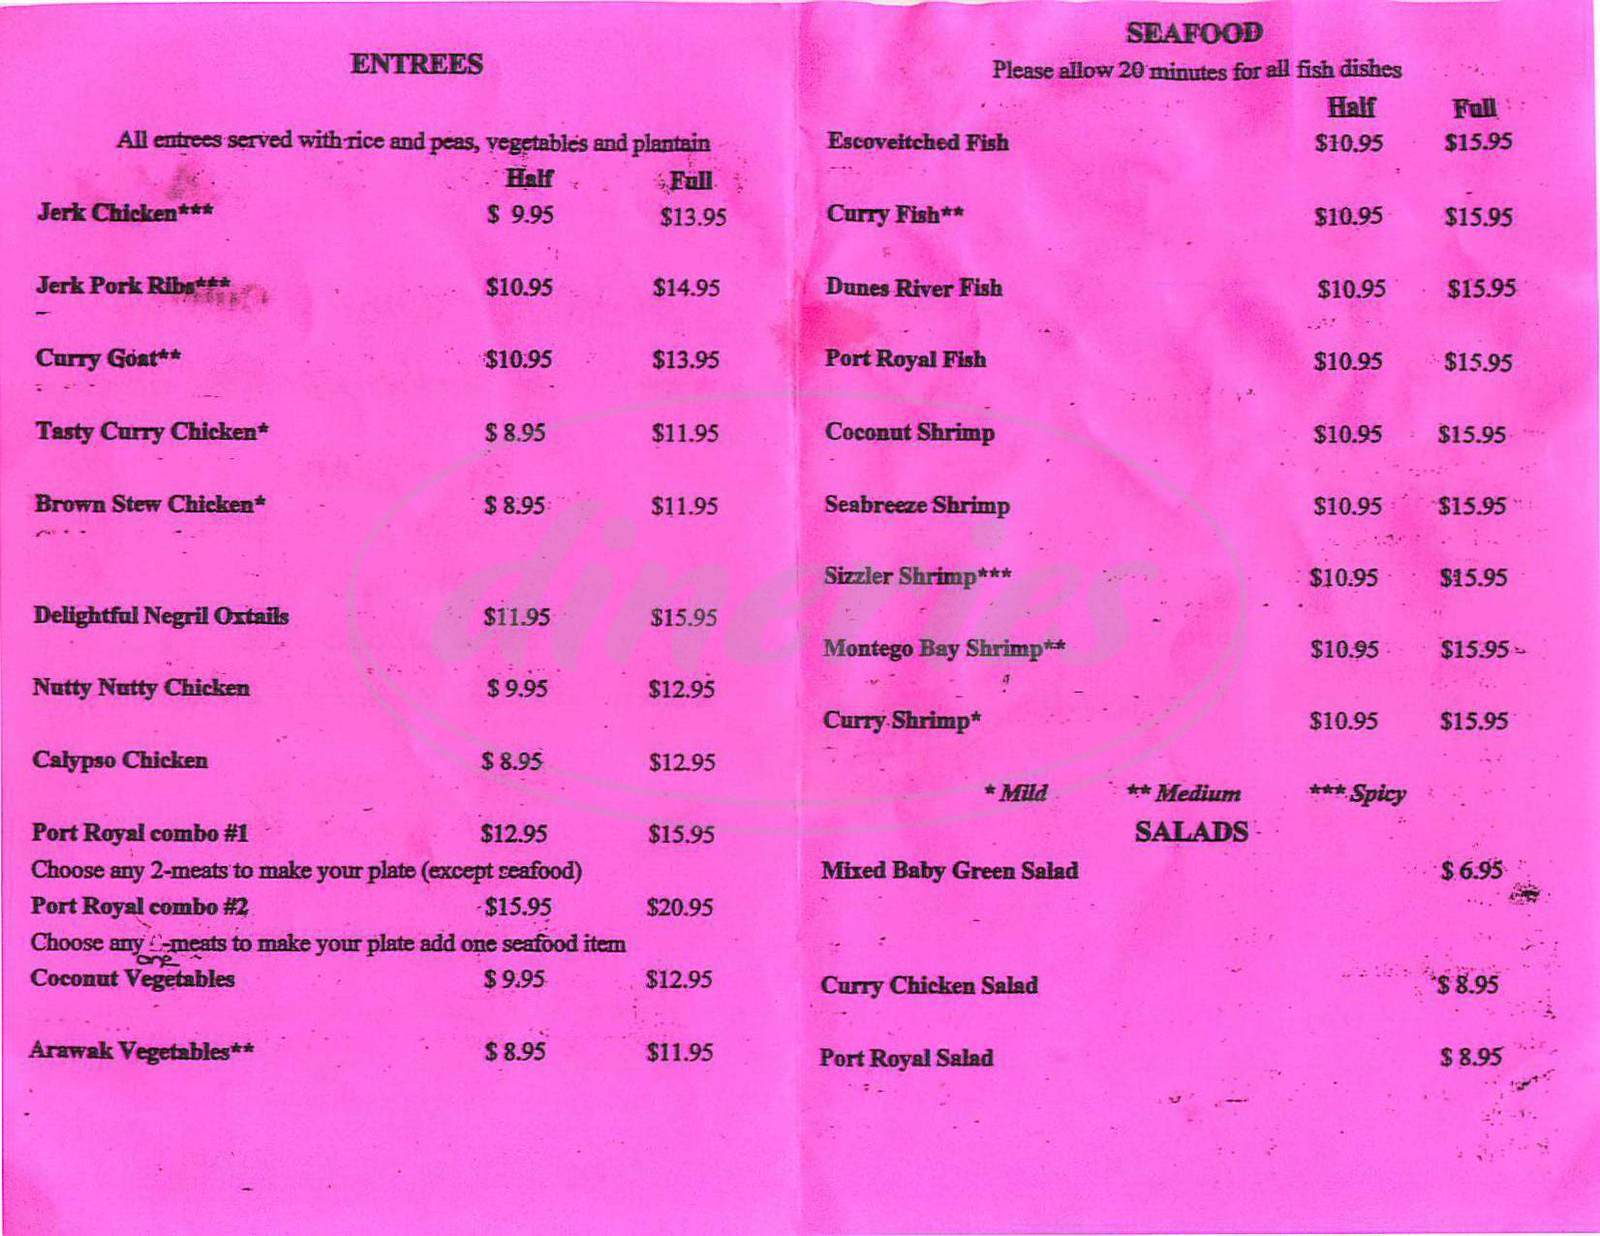 menu for Port Royal Café